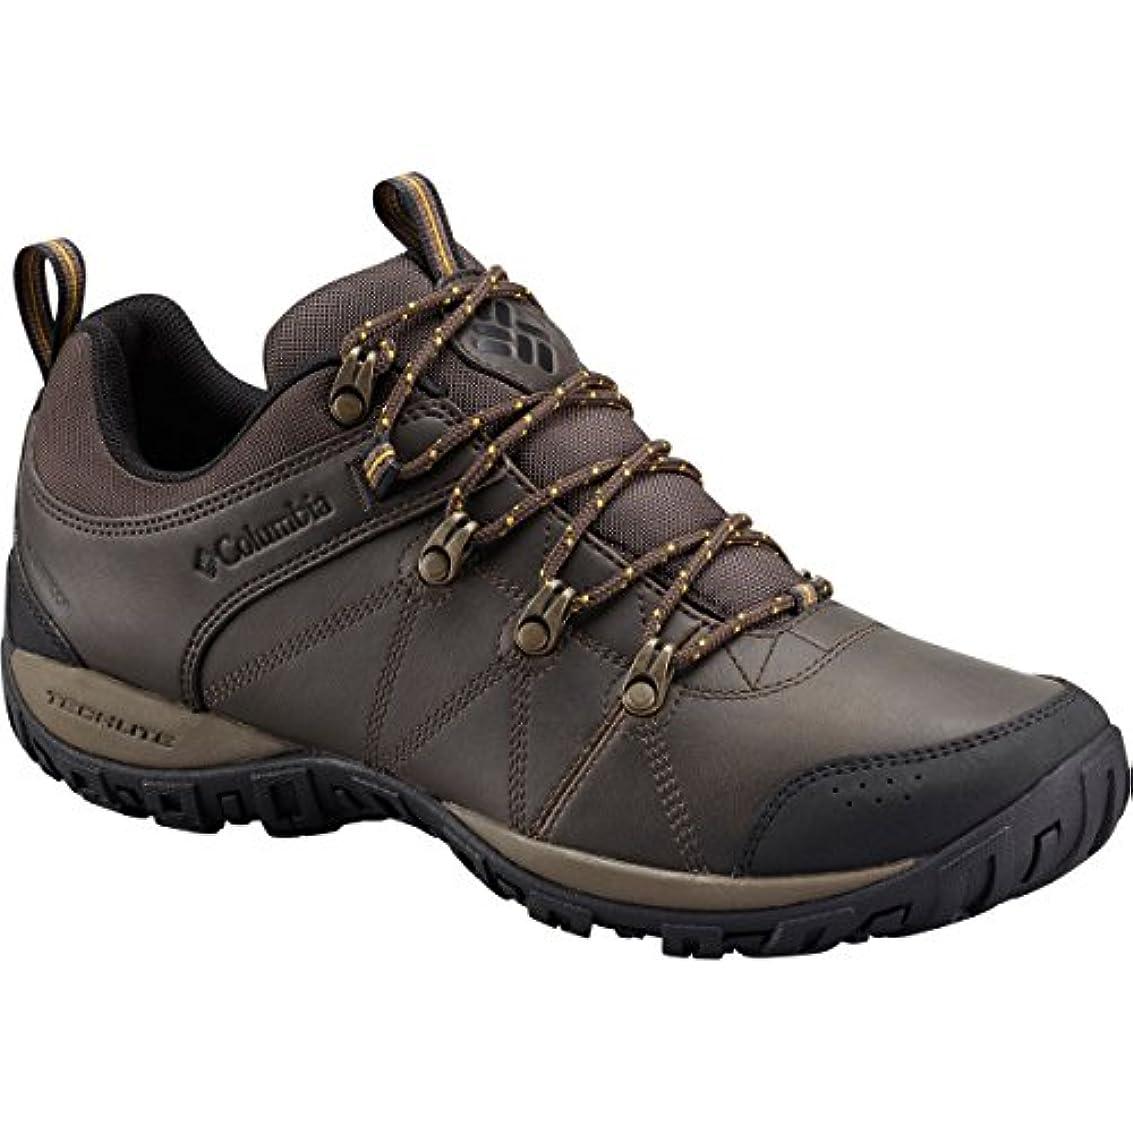 赤外線強打アプローチ[Columbia] コロンビア Peakfreak Venture Waterproof Hiking Shoe メンズ ハイキングシューズ [並行輸入品]